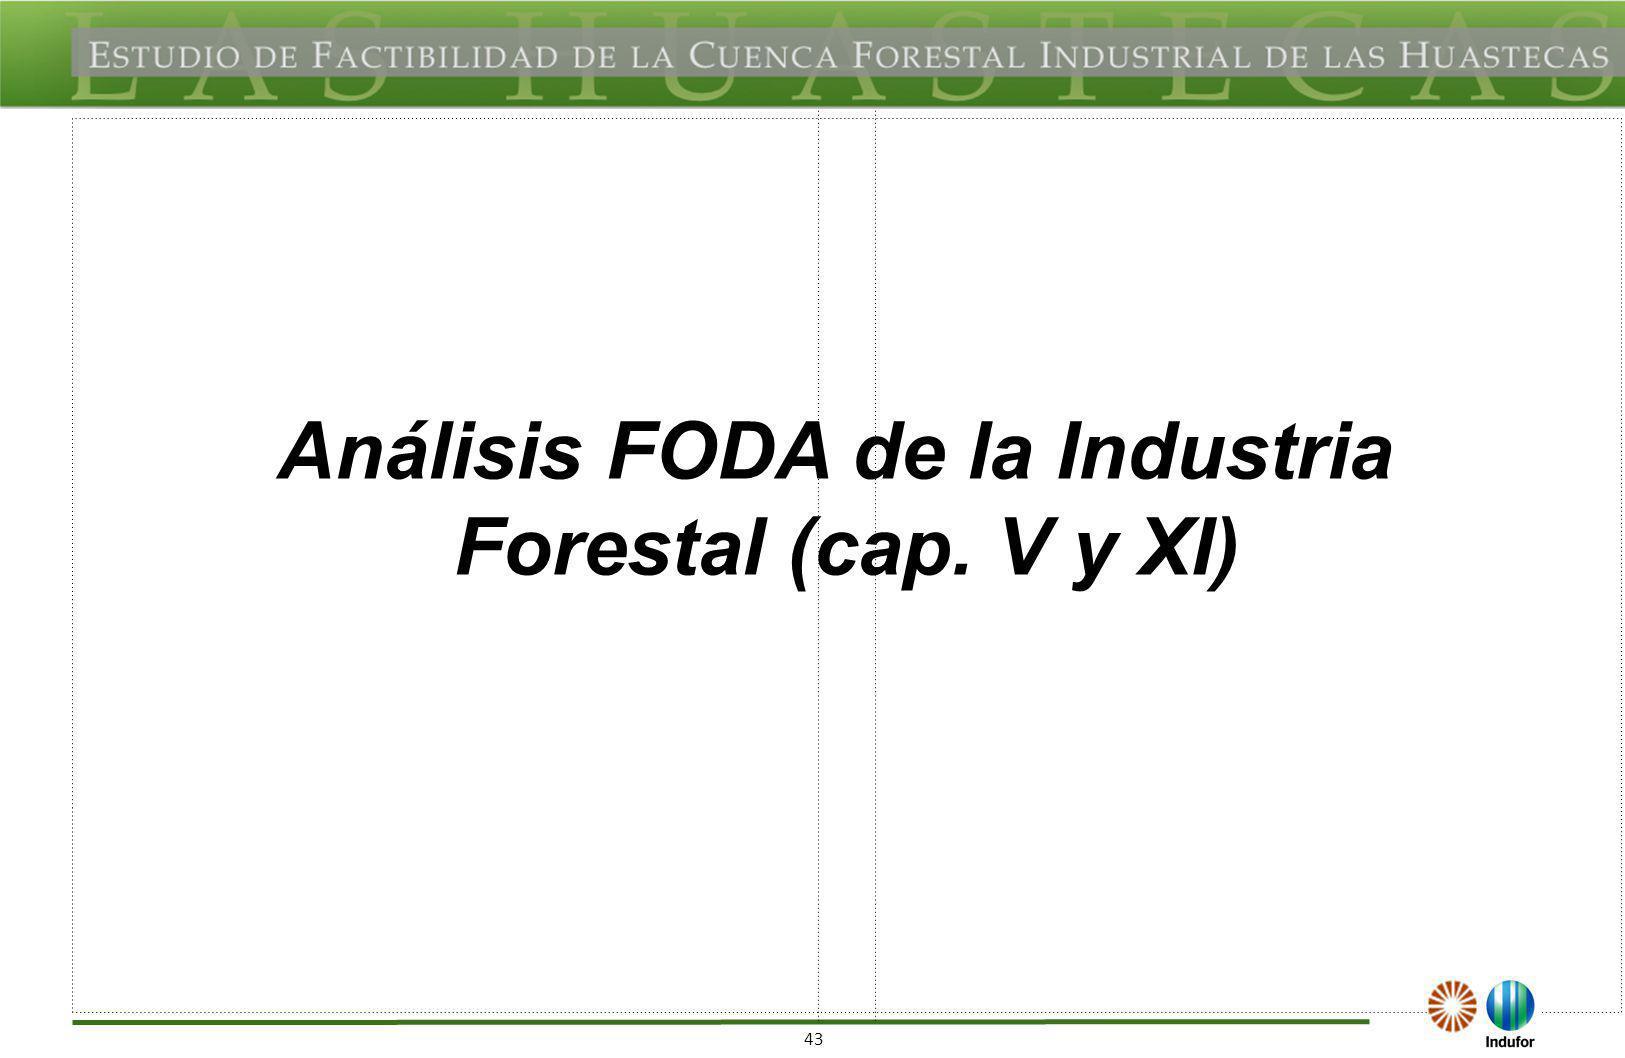 FODA REGIONAL INDUSTRIA FORESTAL